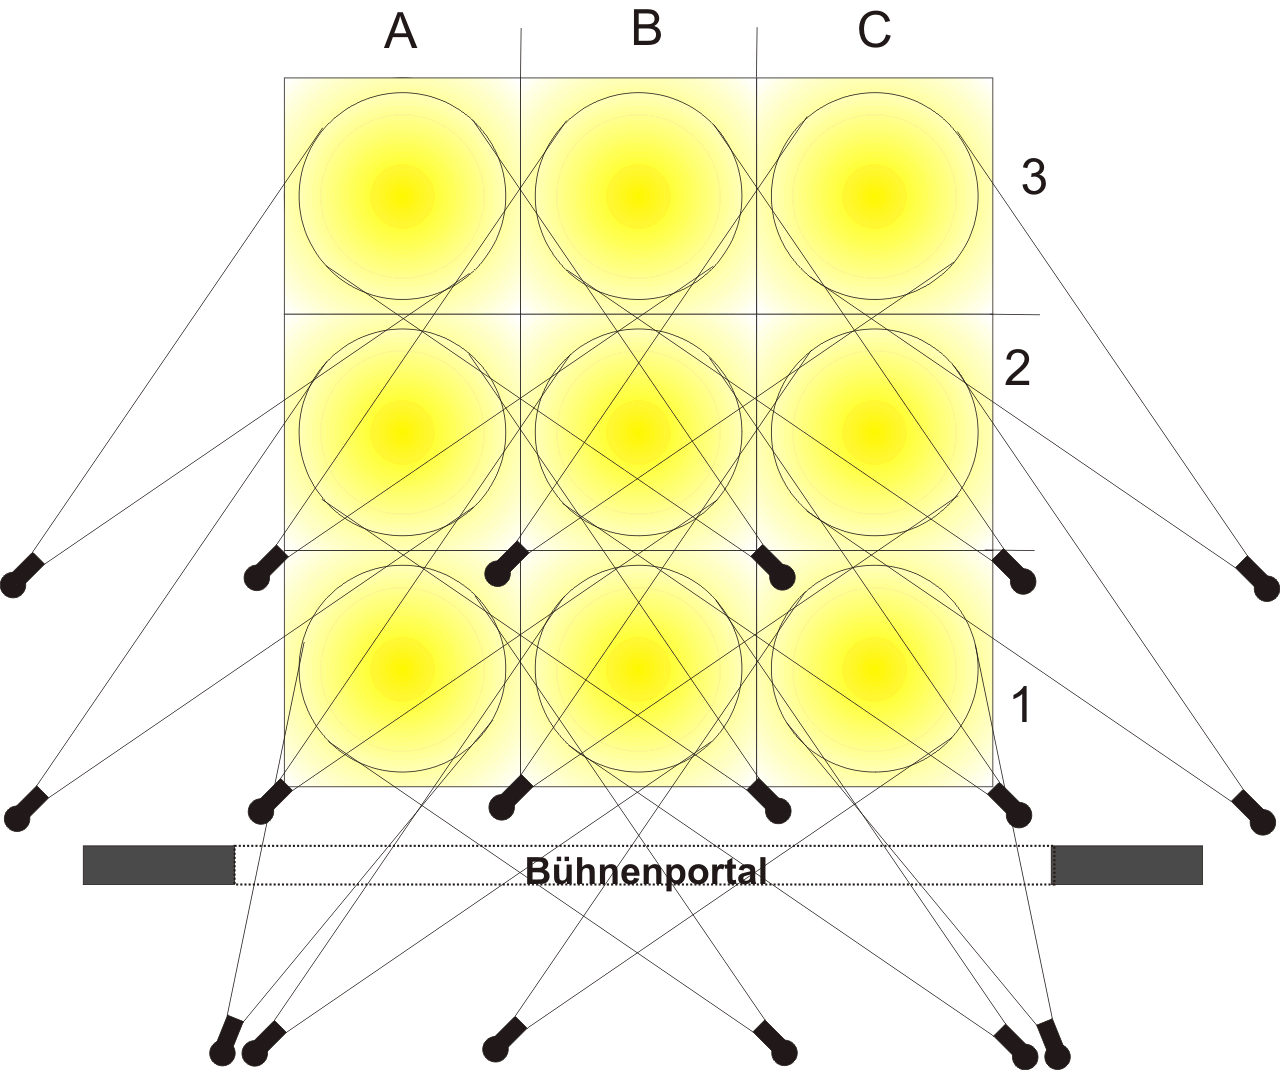 Aufteilung der Fläche in Lichtareale